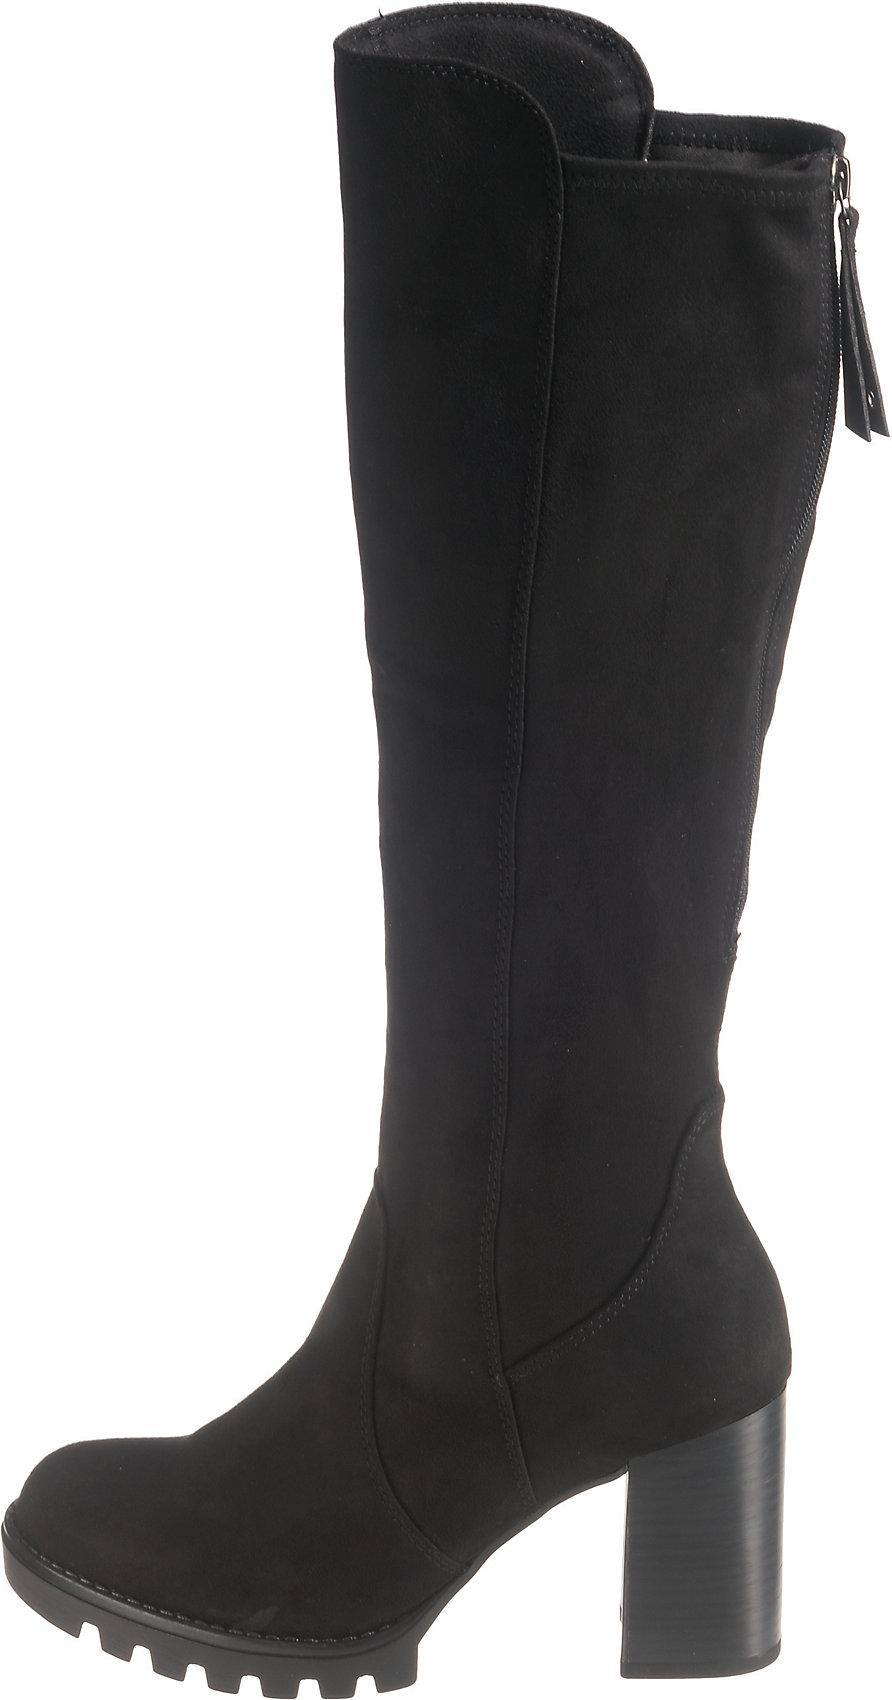 Details zu Neu Tamaris Plateau Stiefel 8453266 für Damen schwarz